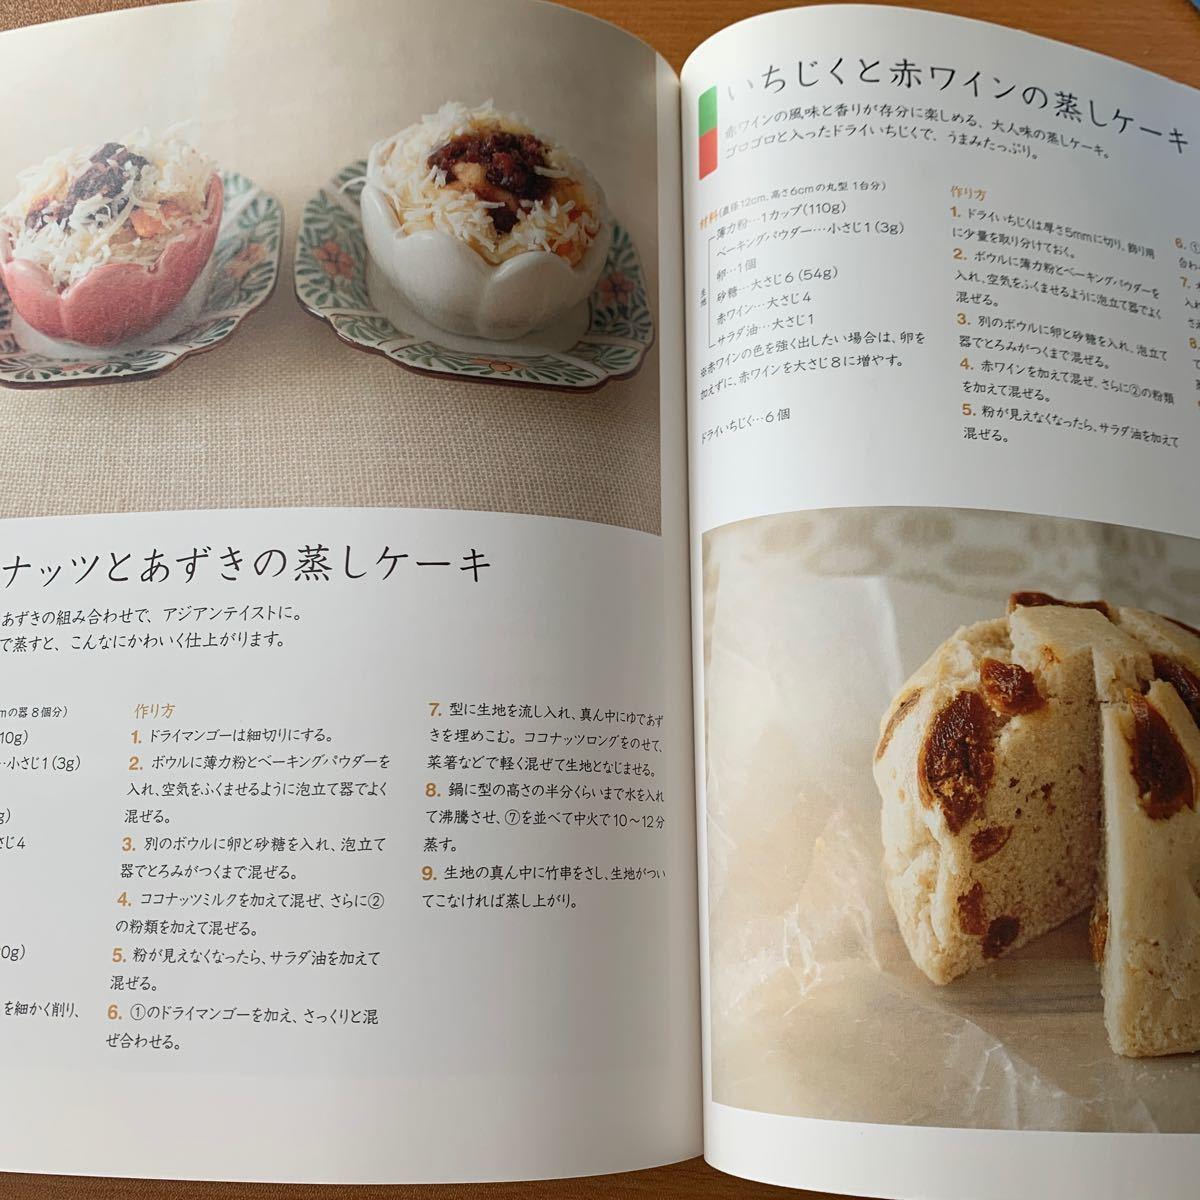 おかず蒸しパンと蒸しケーキのおやつ 中古お菓子本